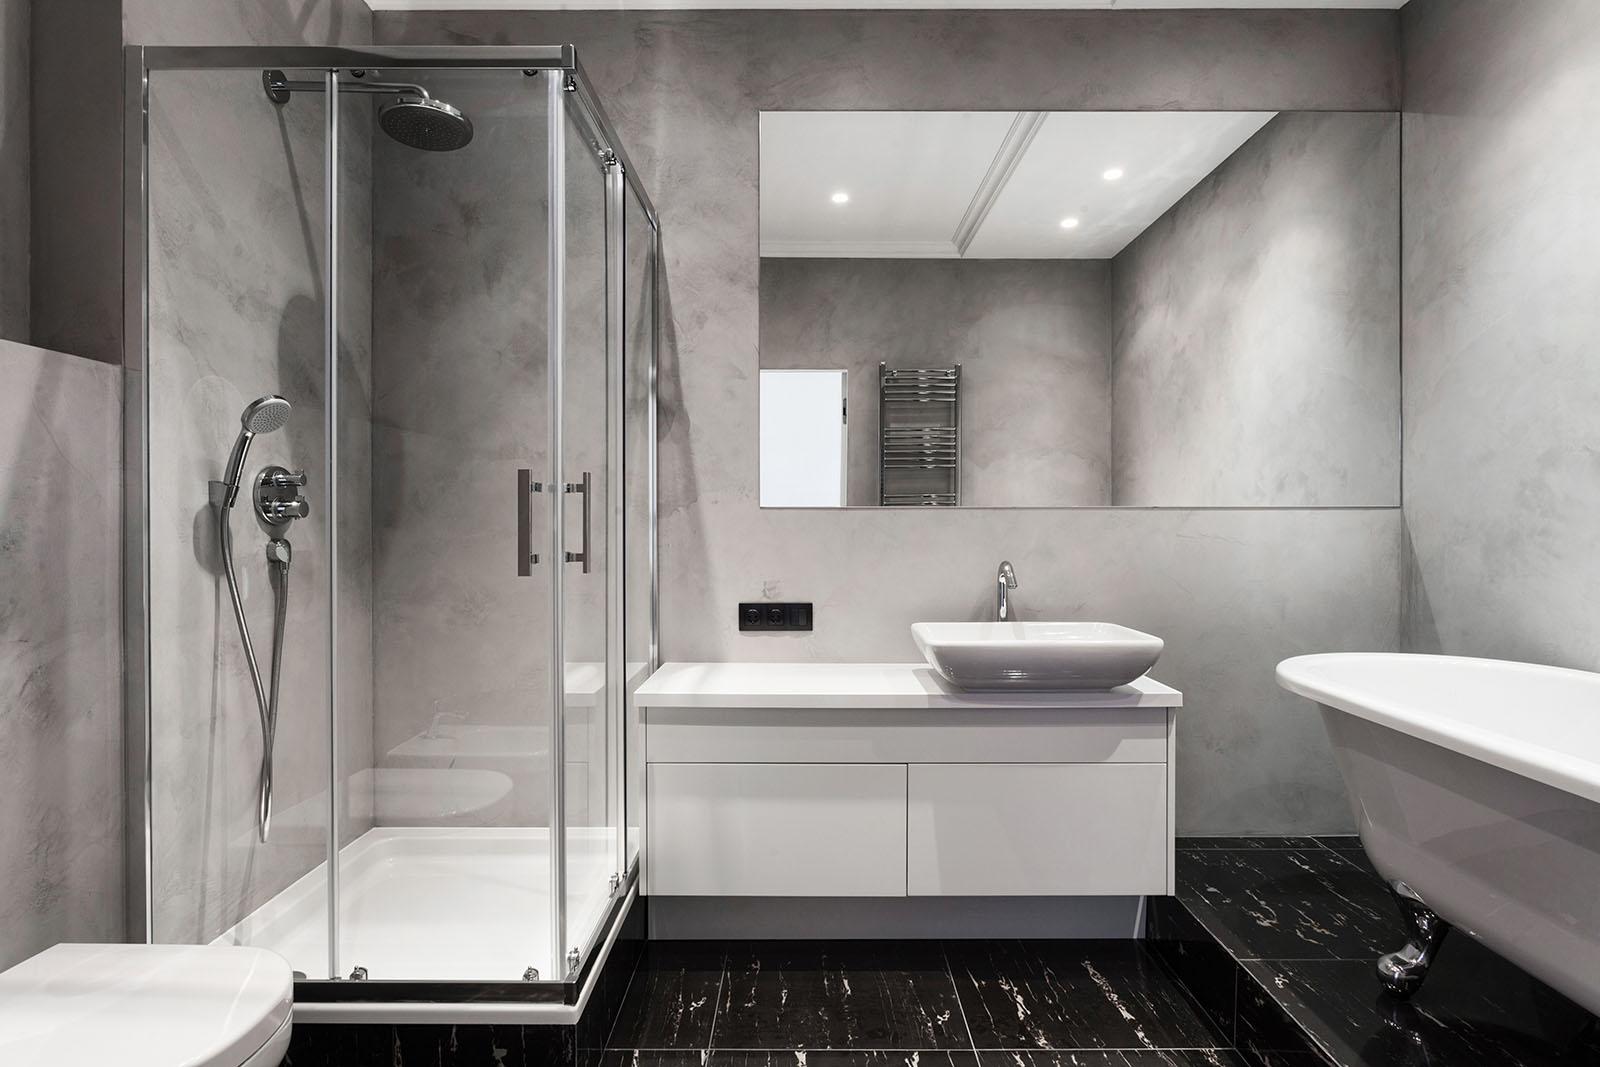 Natursten är ett populärt material vid badrumsrenovering i Linköping! Natursten kan användas som både stengolv, bänkskivor och annan steninredning i badrummet.